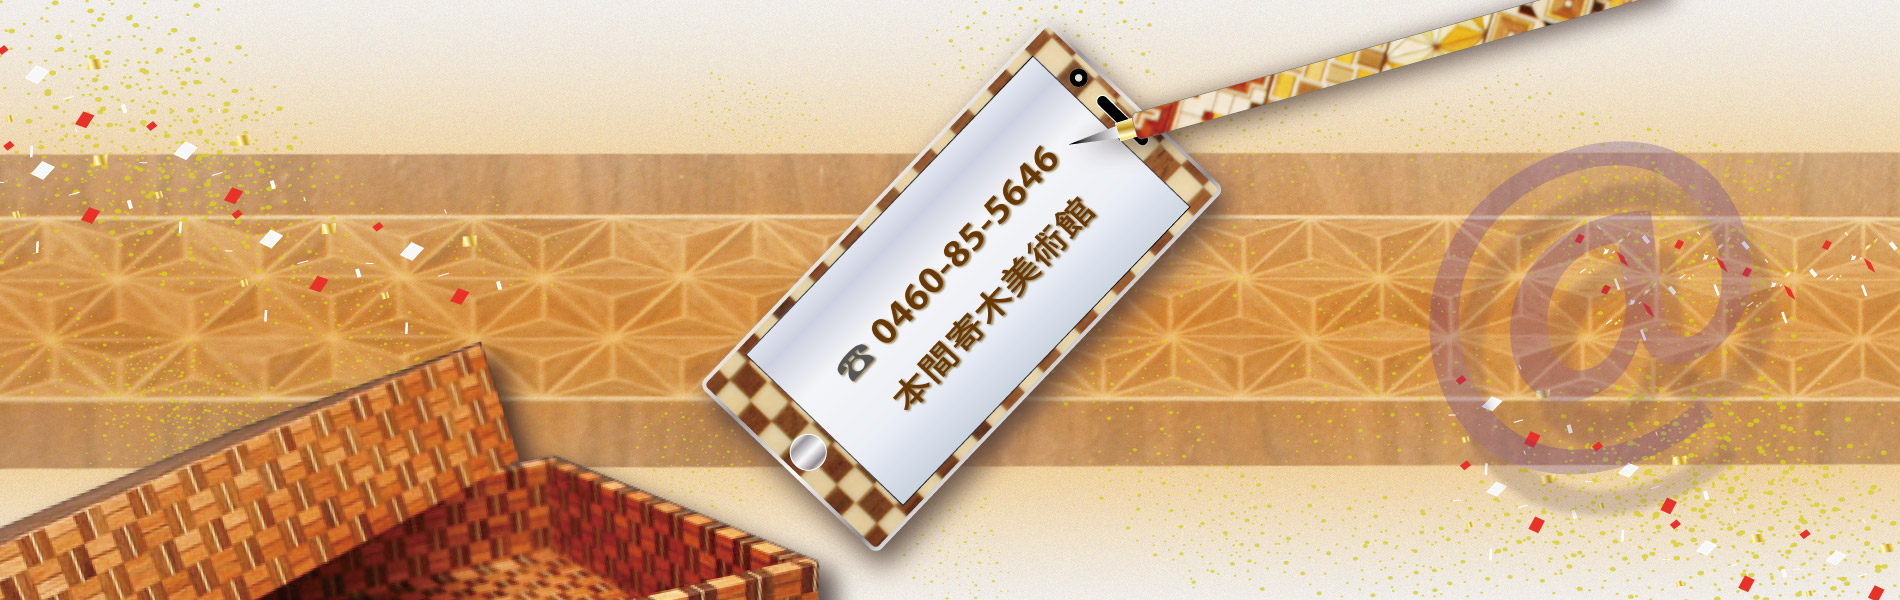 箱根 本間寄木美術館 お問い合わせトップ